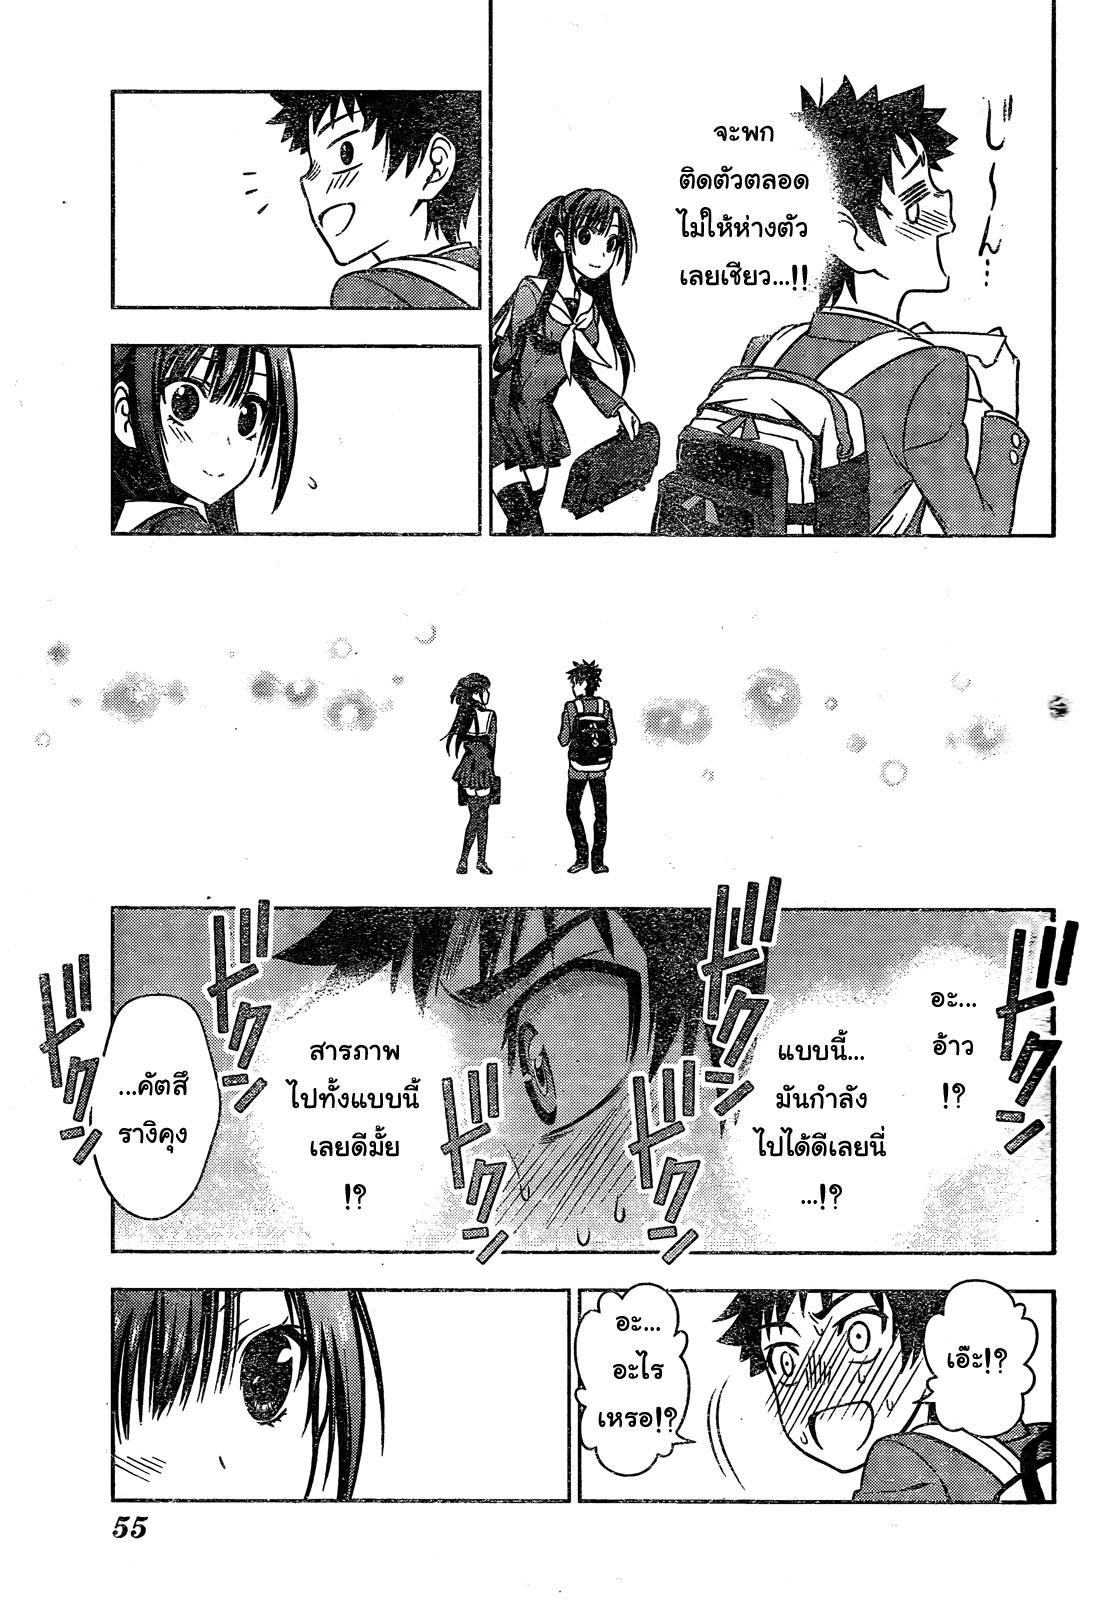 อ่านการ์ตูน Koisome Momiji 1 ภาพที่ 34